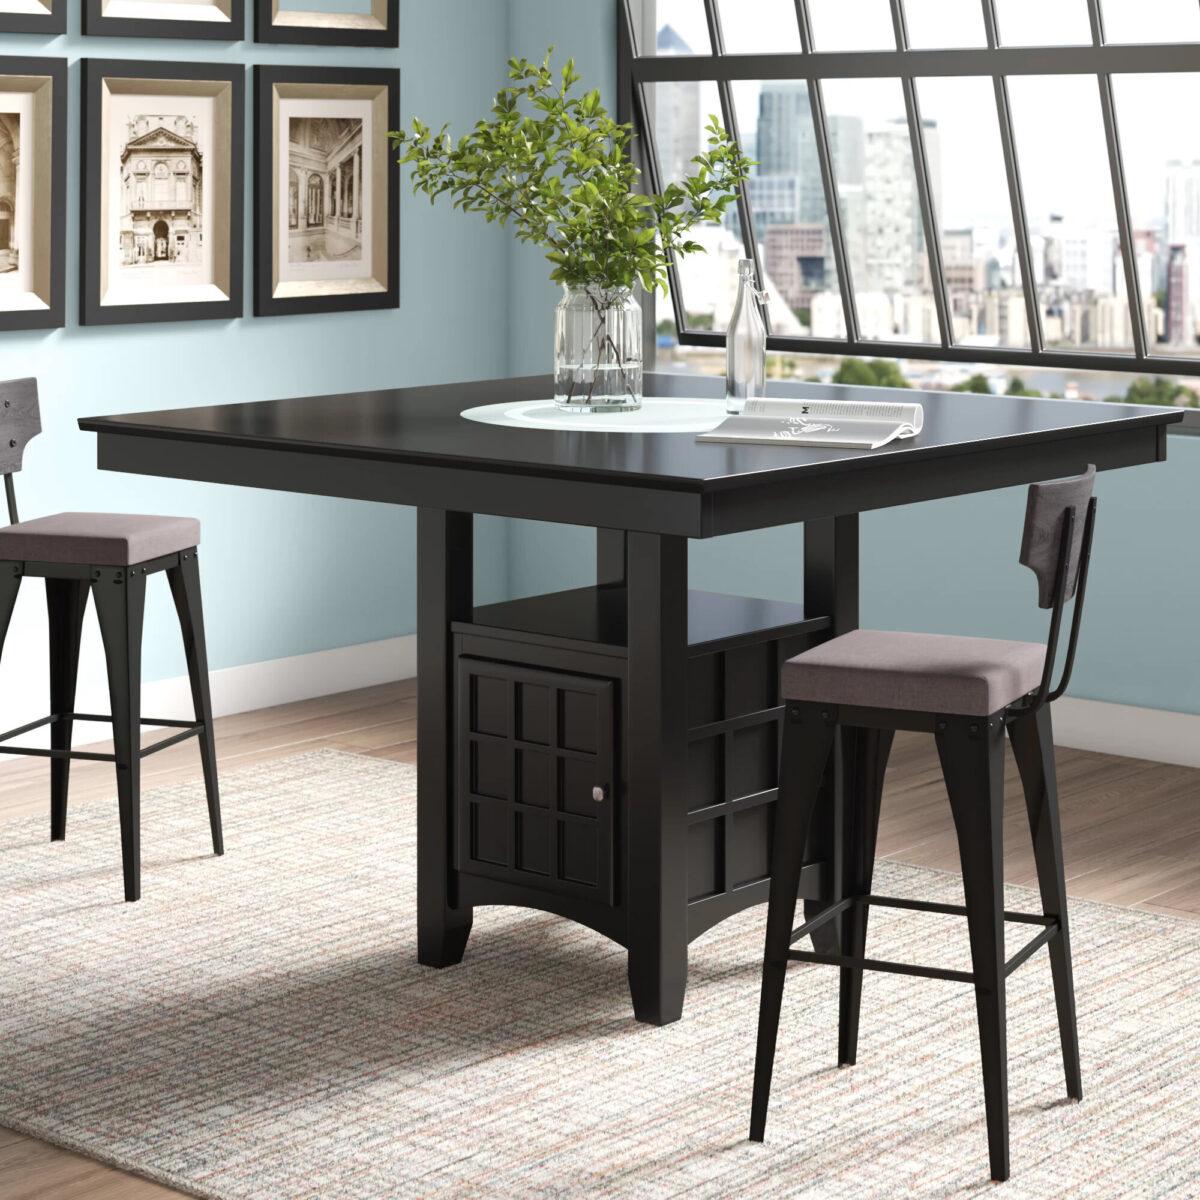 tavolo-quadrato-in-cucina-10-idee-e-foto-07